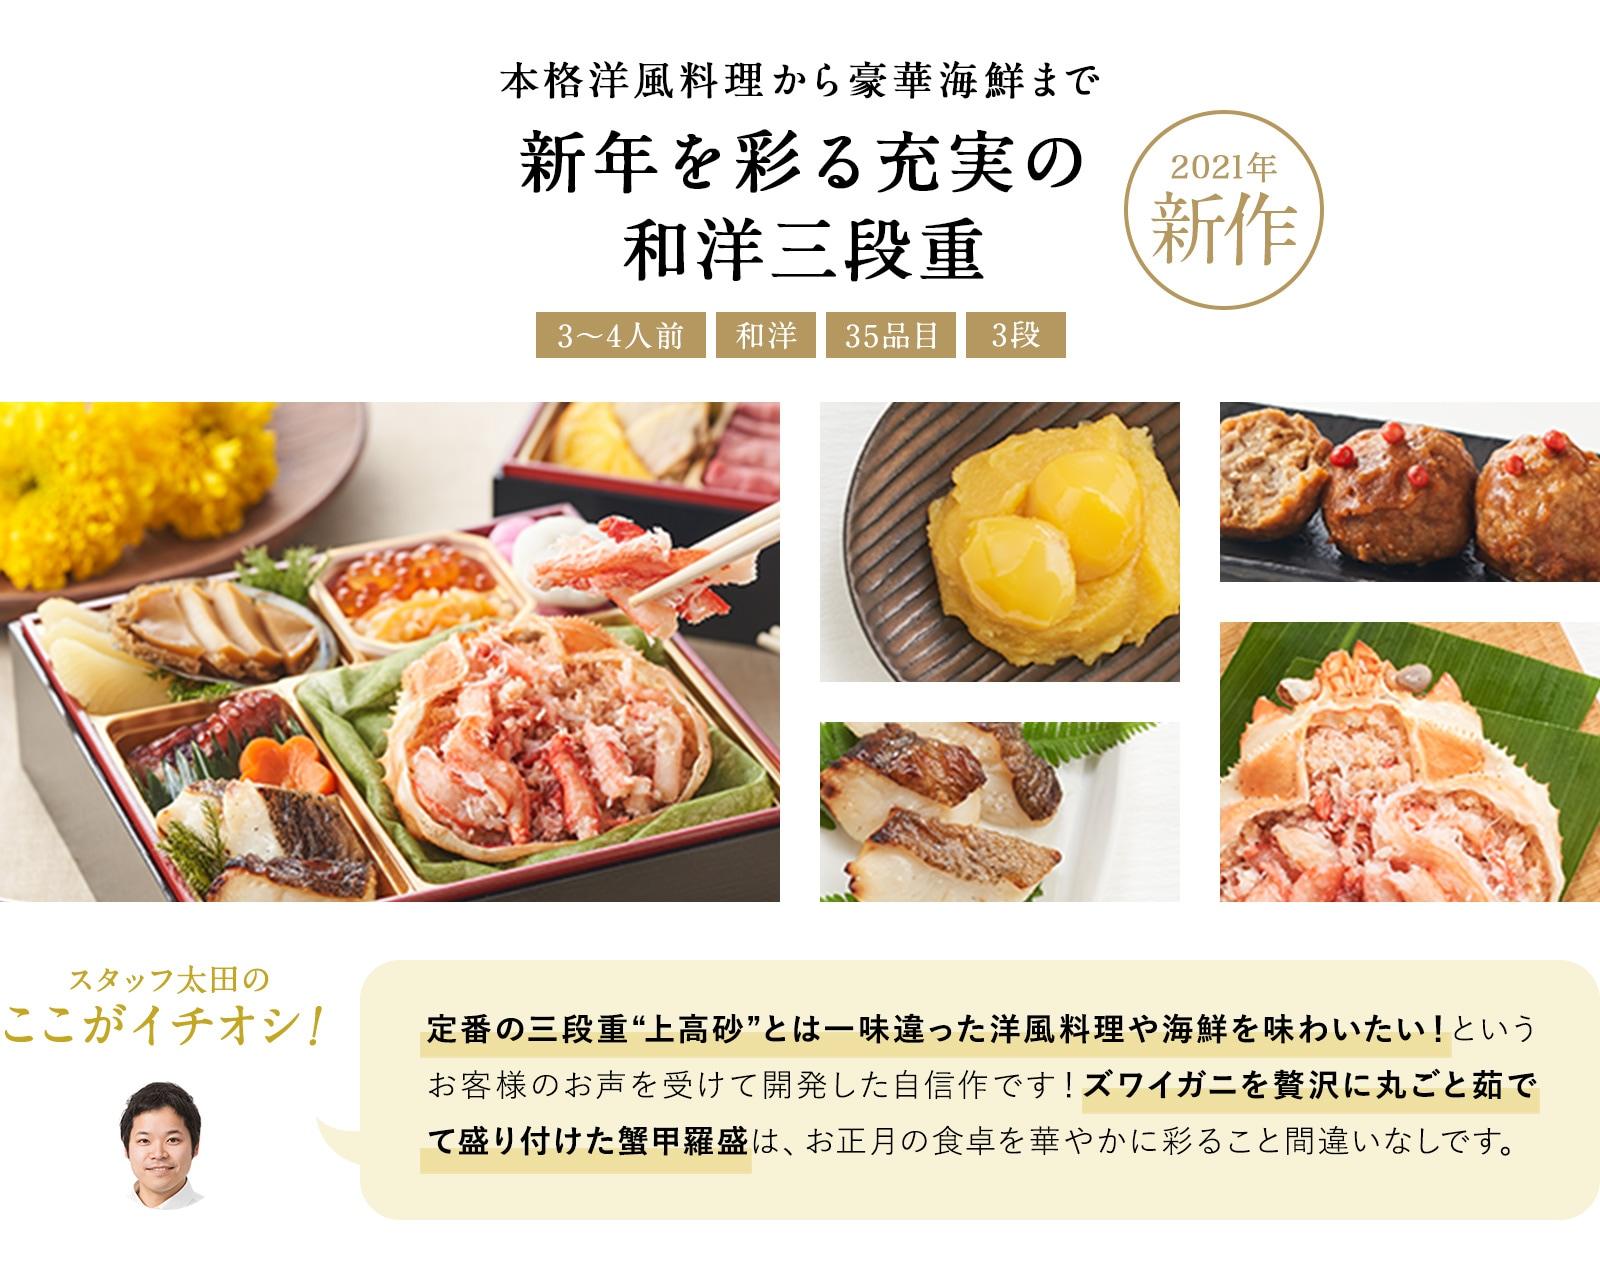 和の伝統料理と洋風メニューが魅力 肉料理充実和洋おせち重